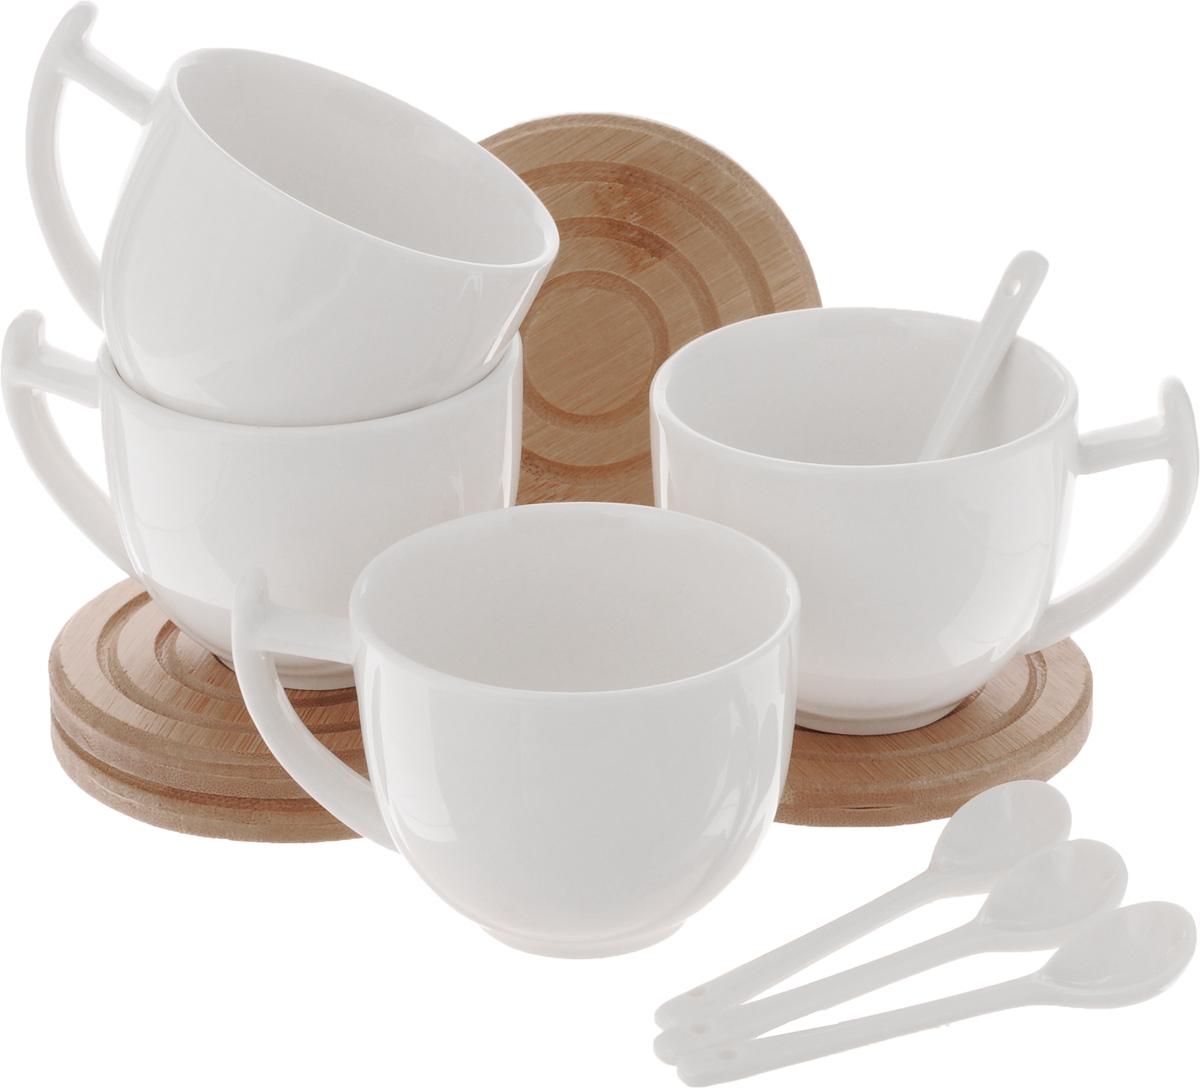 Набор чайный EcoWoo, 12 предметовАксион Т-33Набор чайный EcoWoo - это не только идеальный подарок, но и прекрасный повод побаловать себя! Набор состоит из 4 фарфоровых чашек, 4 бамбуковых подставок и 4 ложек.Такой набор станет идеальным решением для ценителей экологичных деталей в интерьере и поклонников здорового образа жизни.Не использовать в посудомоечной машине.Объем кружки: 300 мл.Диаметр кружки (по верхнему краю): 8 см.Высота кружки: 6,5 см.Диаметр подставки: 10 см.Длина ложки: 10,5 см.